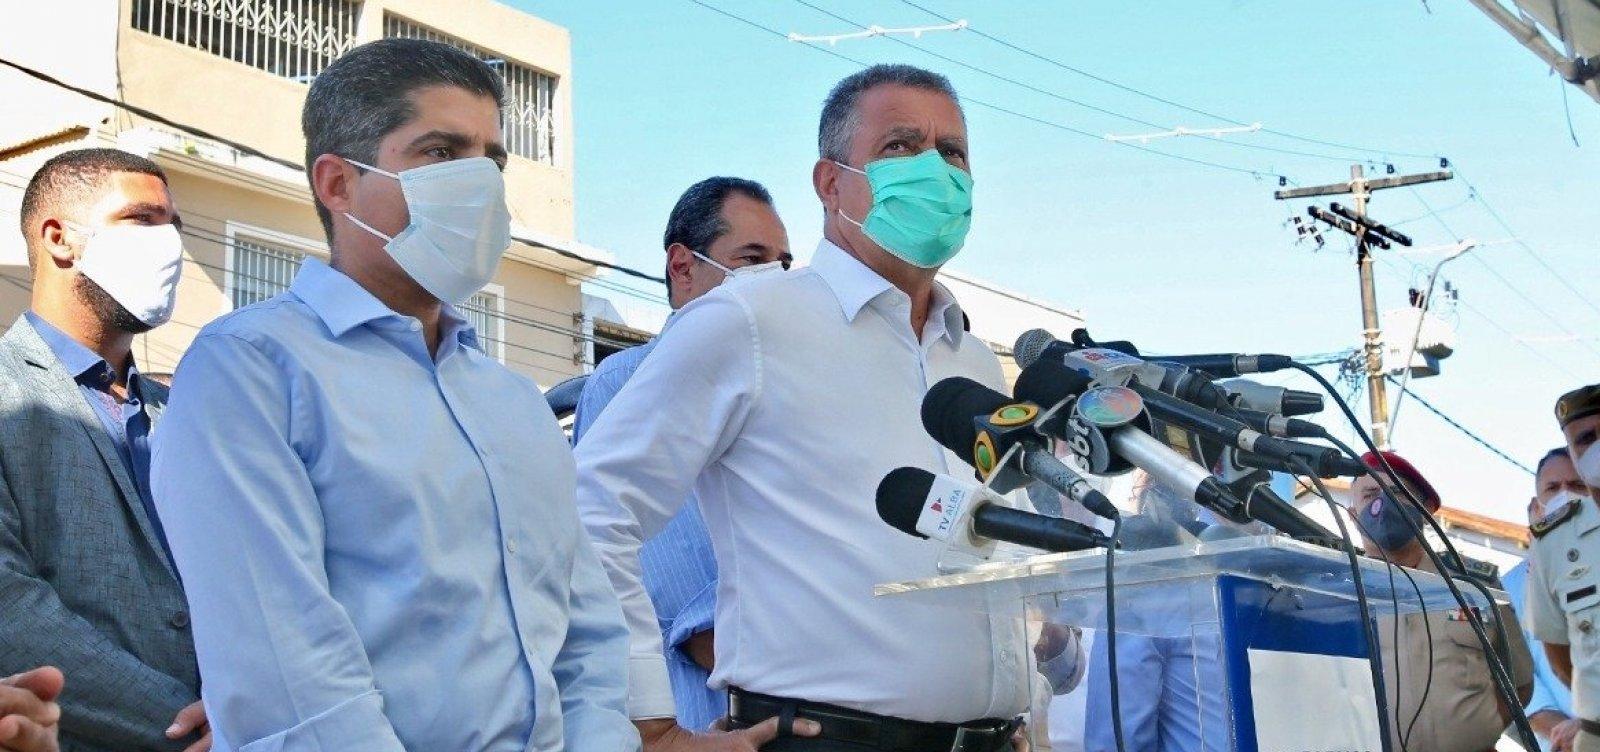 [Rui pede que Bolsonaro deixe bravata de lado, e Neto quer mudança de postura pós-Covid]